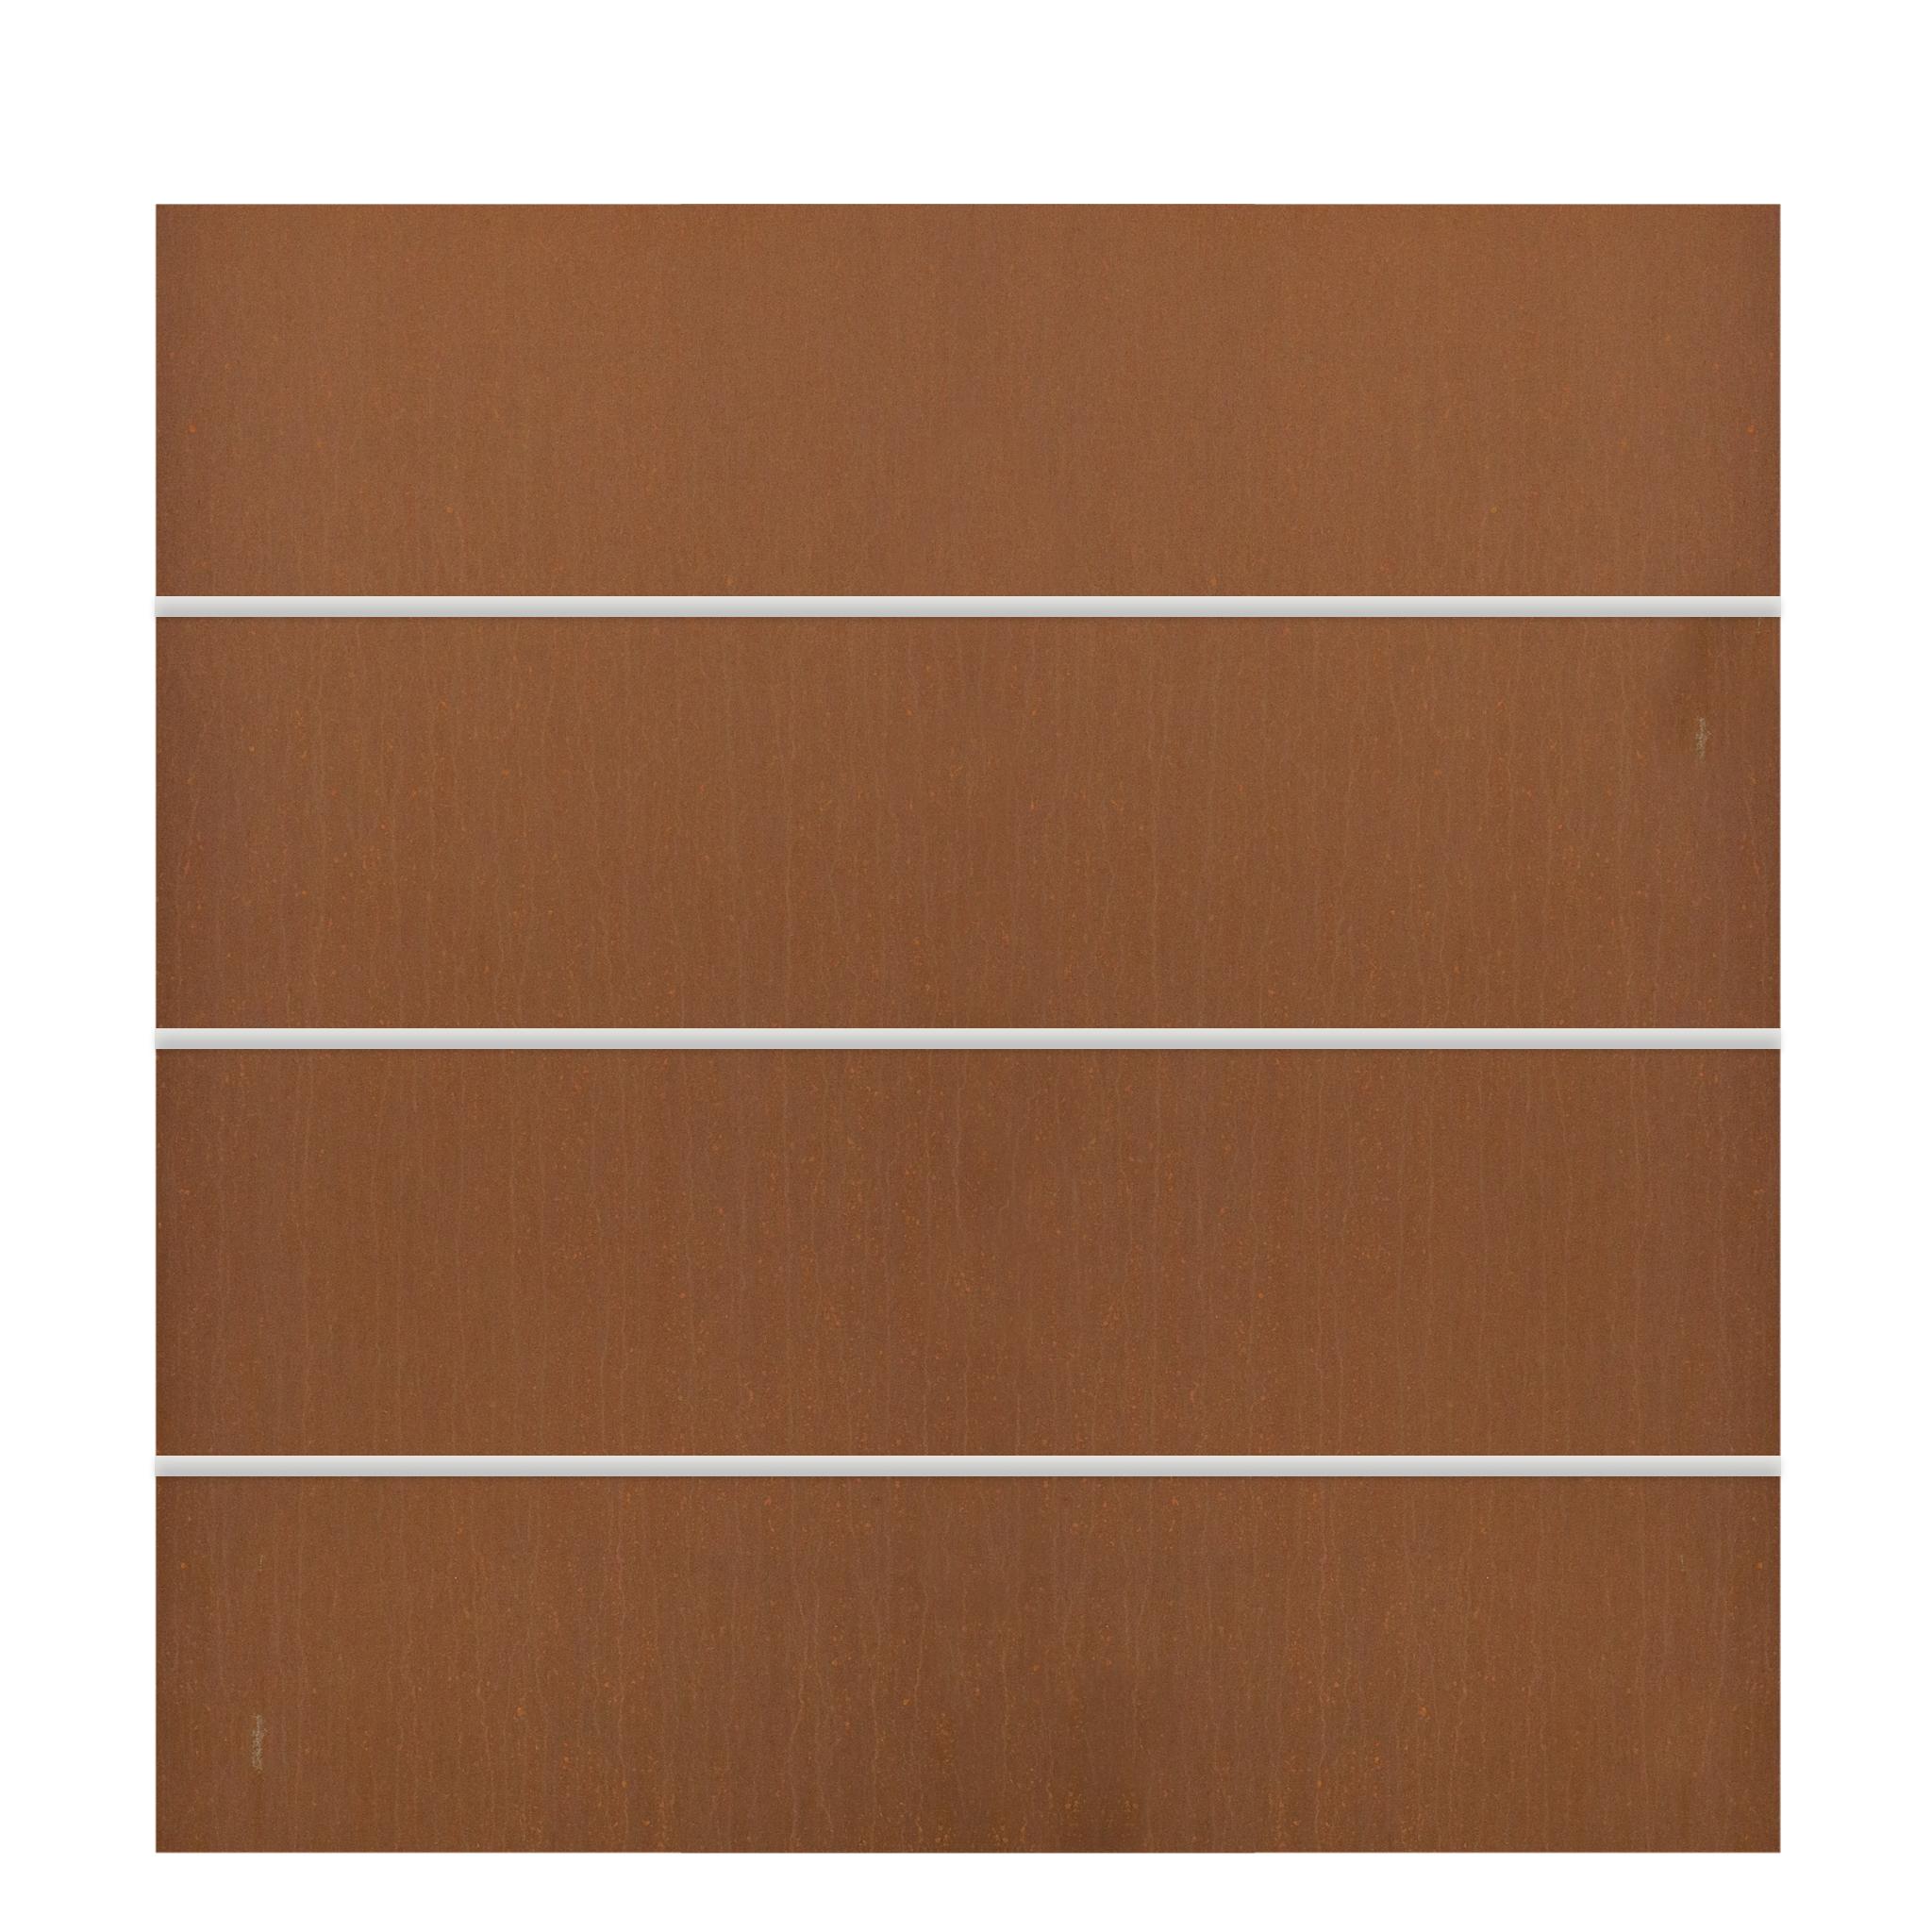 Full Size of Sichtschutz Rost Board Xl Zaun Set Diverse Bett 90x200 Mit Lattenrost Und Matratze Garten 160x200 Für Fenster Sichtschutzfolie Einseitig Durchsichtig Wohnzimmer Sichtschutz Rost